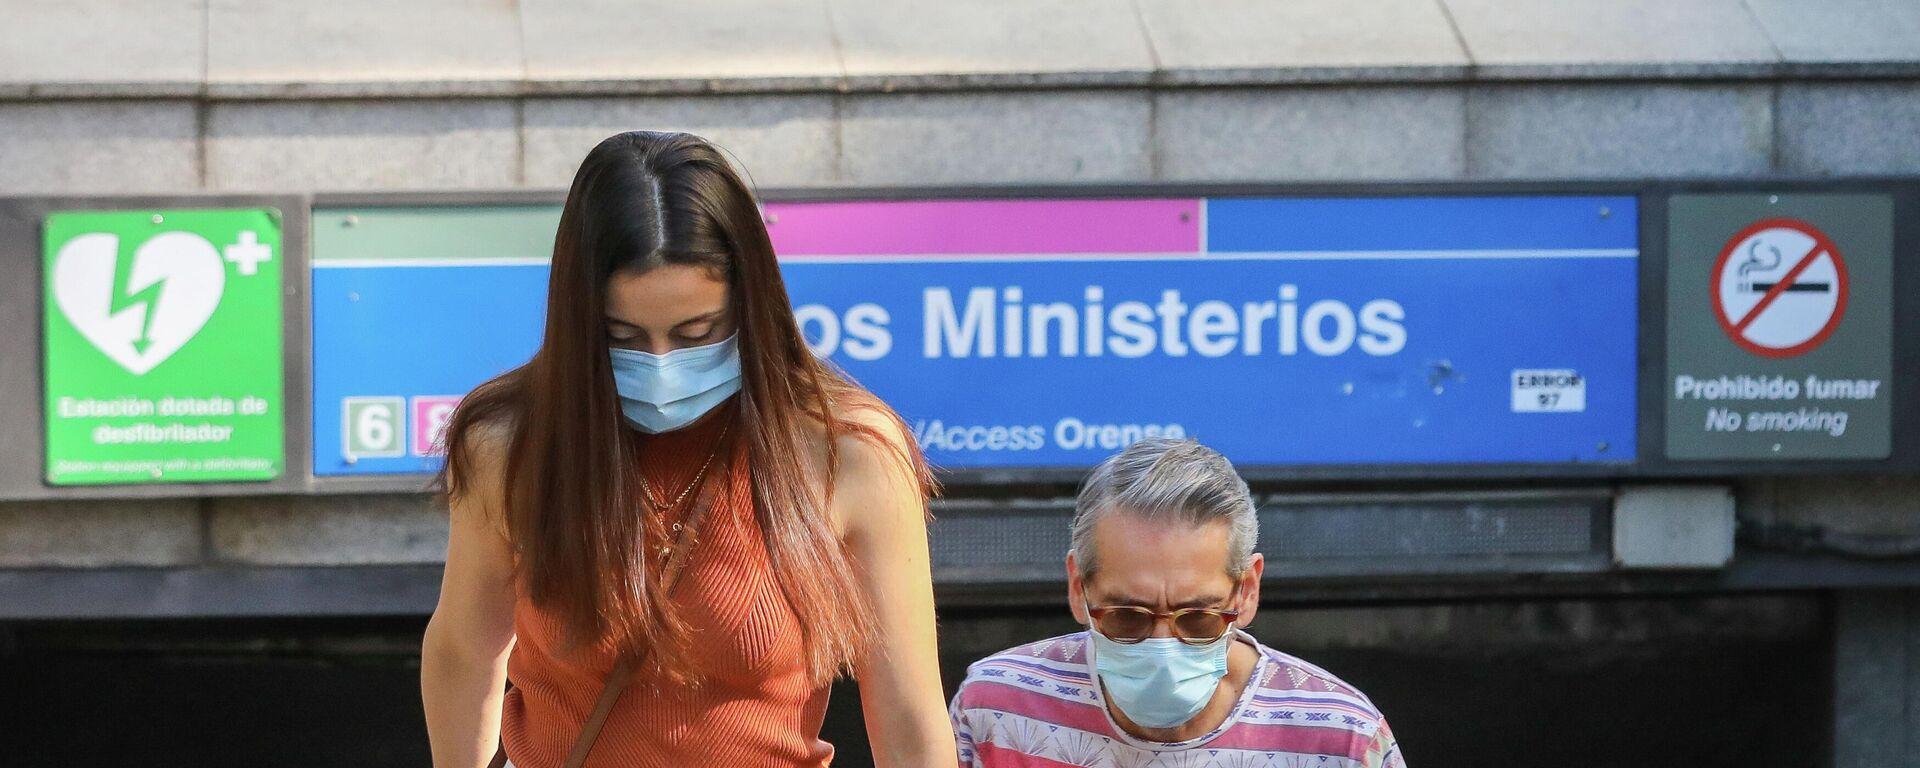 Dos personas con mascarillas durante el brote del coronavirus en España - Sputnik Mundo, 1920, 22.07.2021